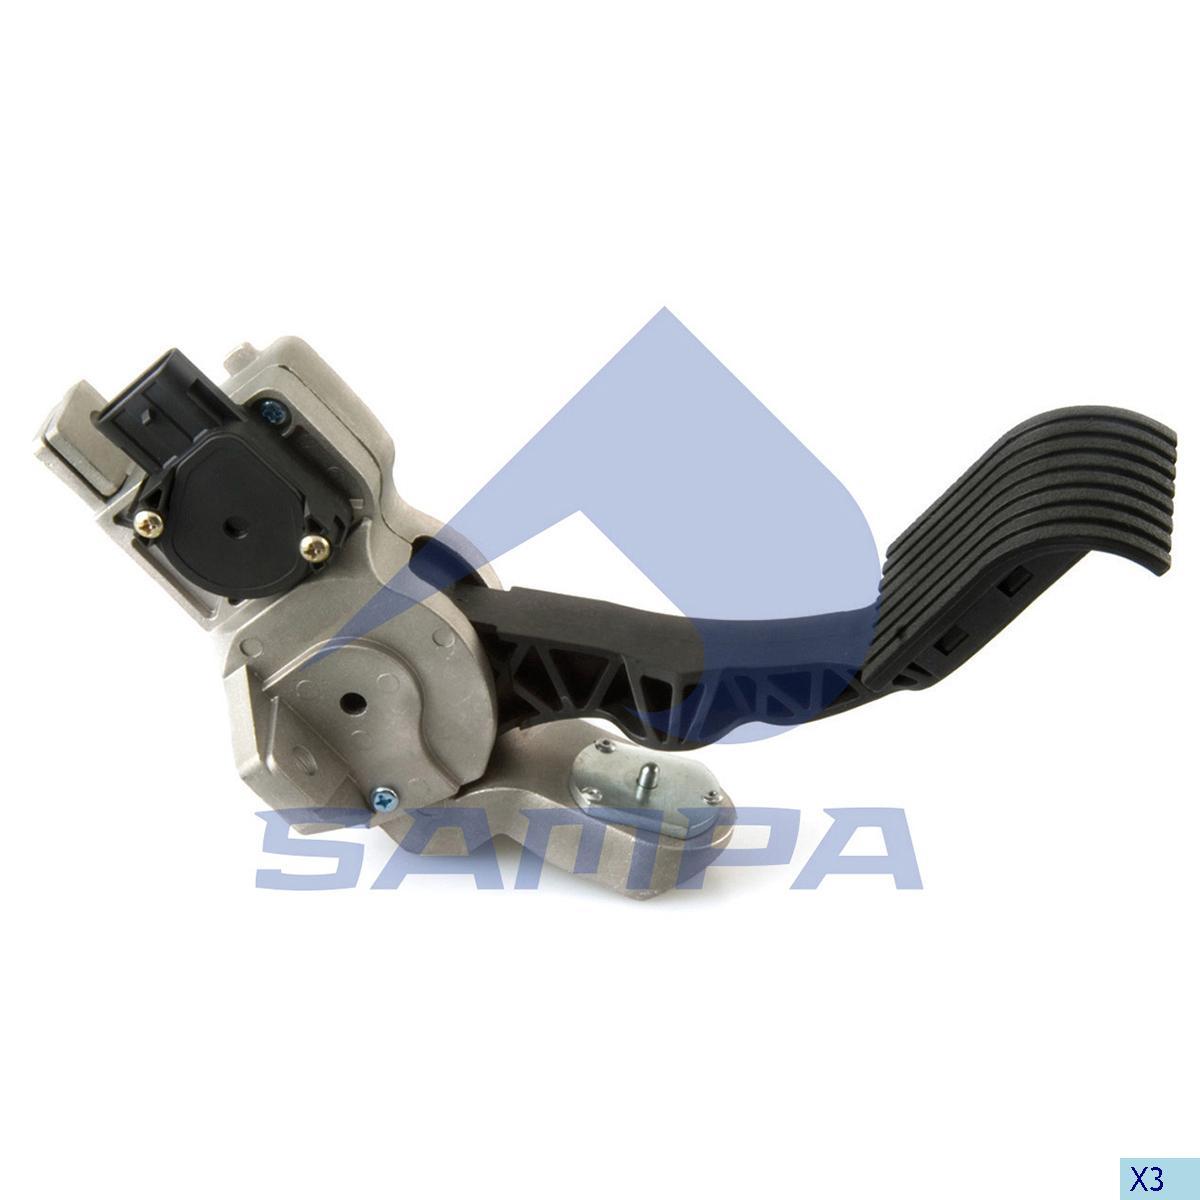 Accelerator Pedal, Daf, Engine